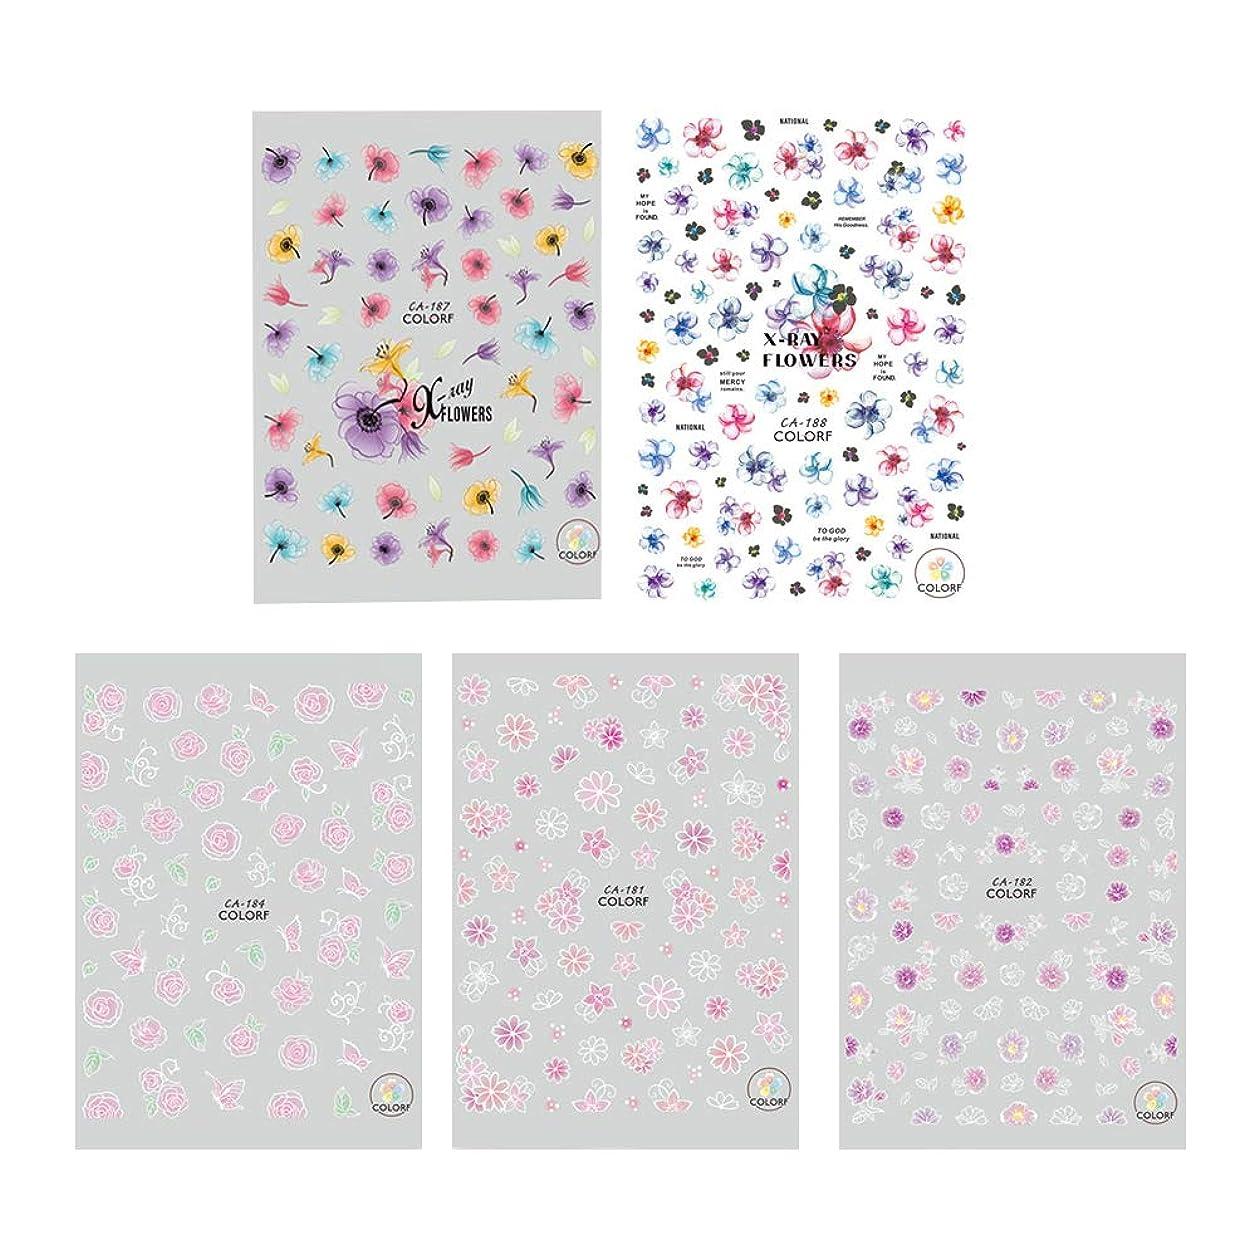 除去この輝度10枚の着色された花のネイルアートステッカーのヒントデカールマニキュアの装飾ネイルアートのヒント子供と女の子(各パターン2枚)